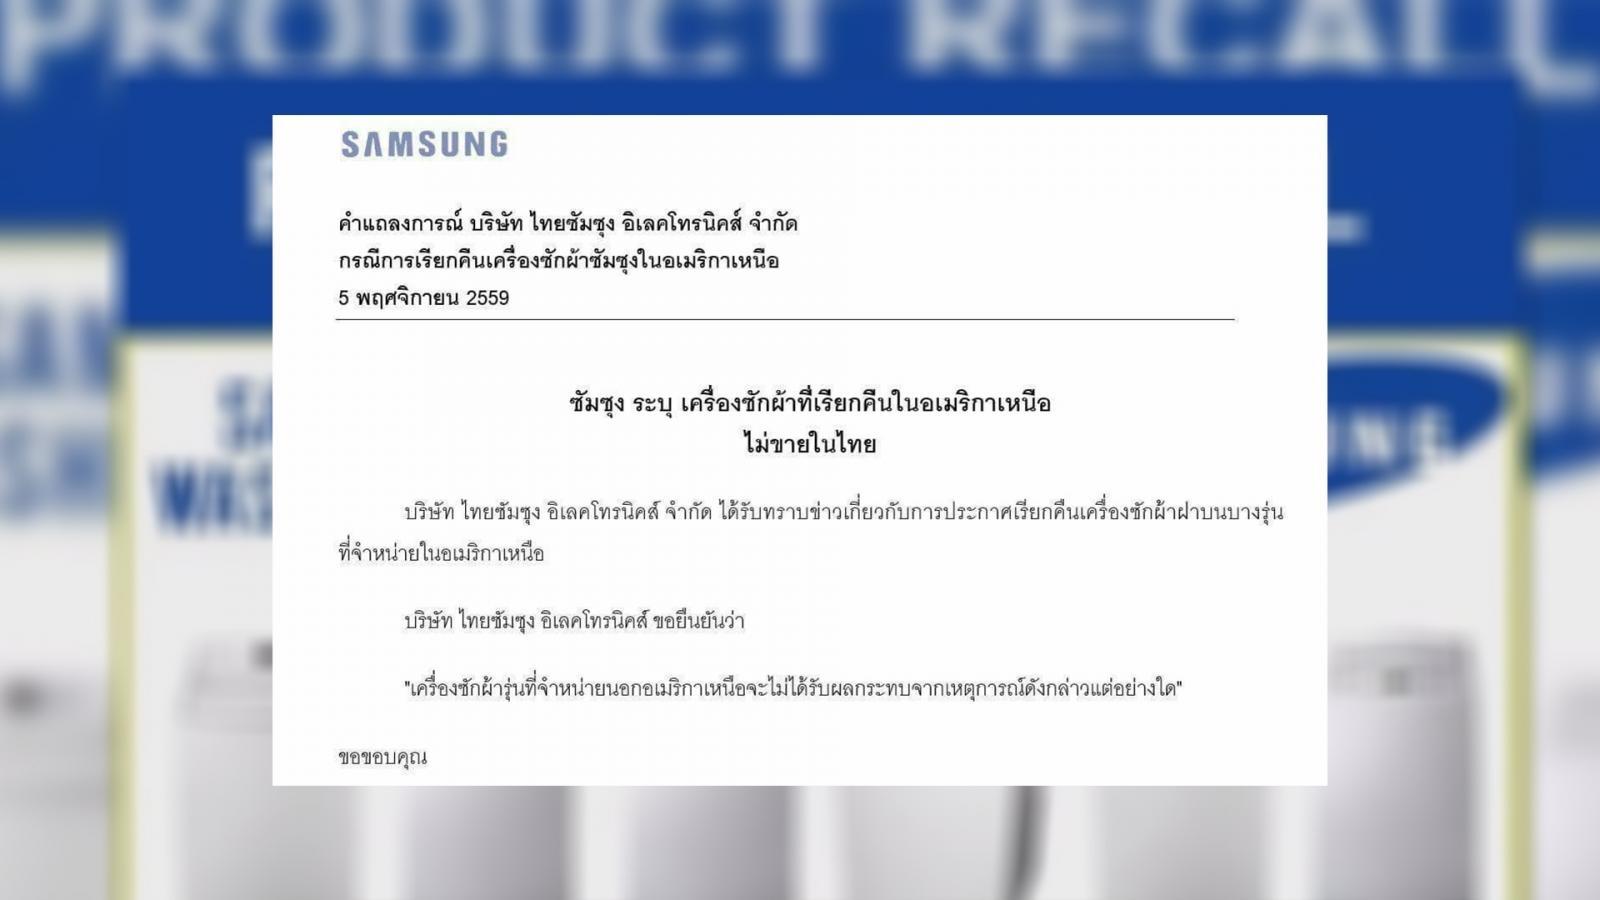 ซัมซุง ยัน เครื่องซักผ้าที่ถูกเรียกคืนในอเมริกาเหนือ ไม่มีขายในประเทศไทย